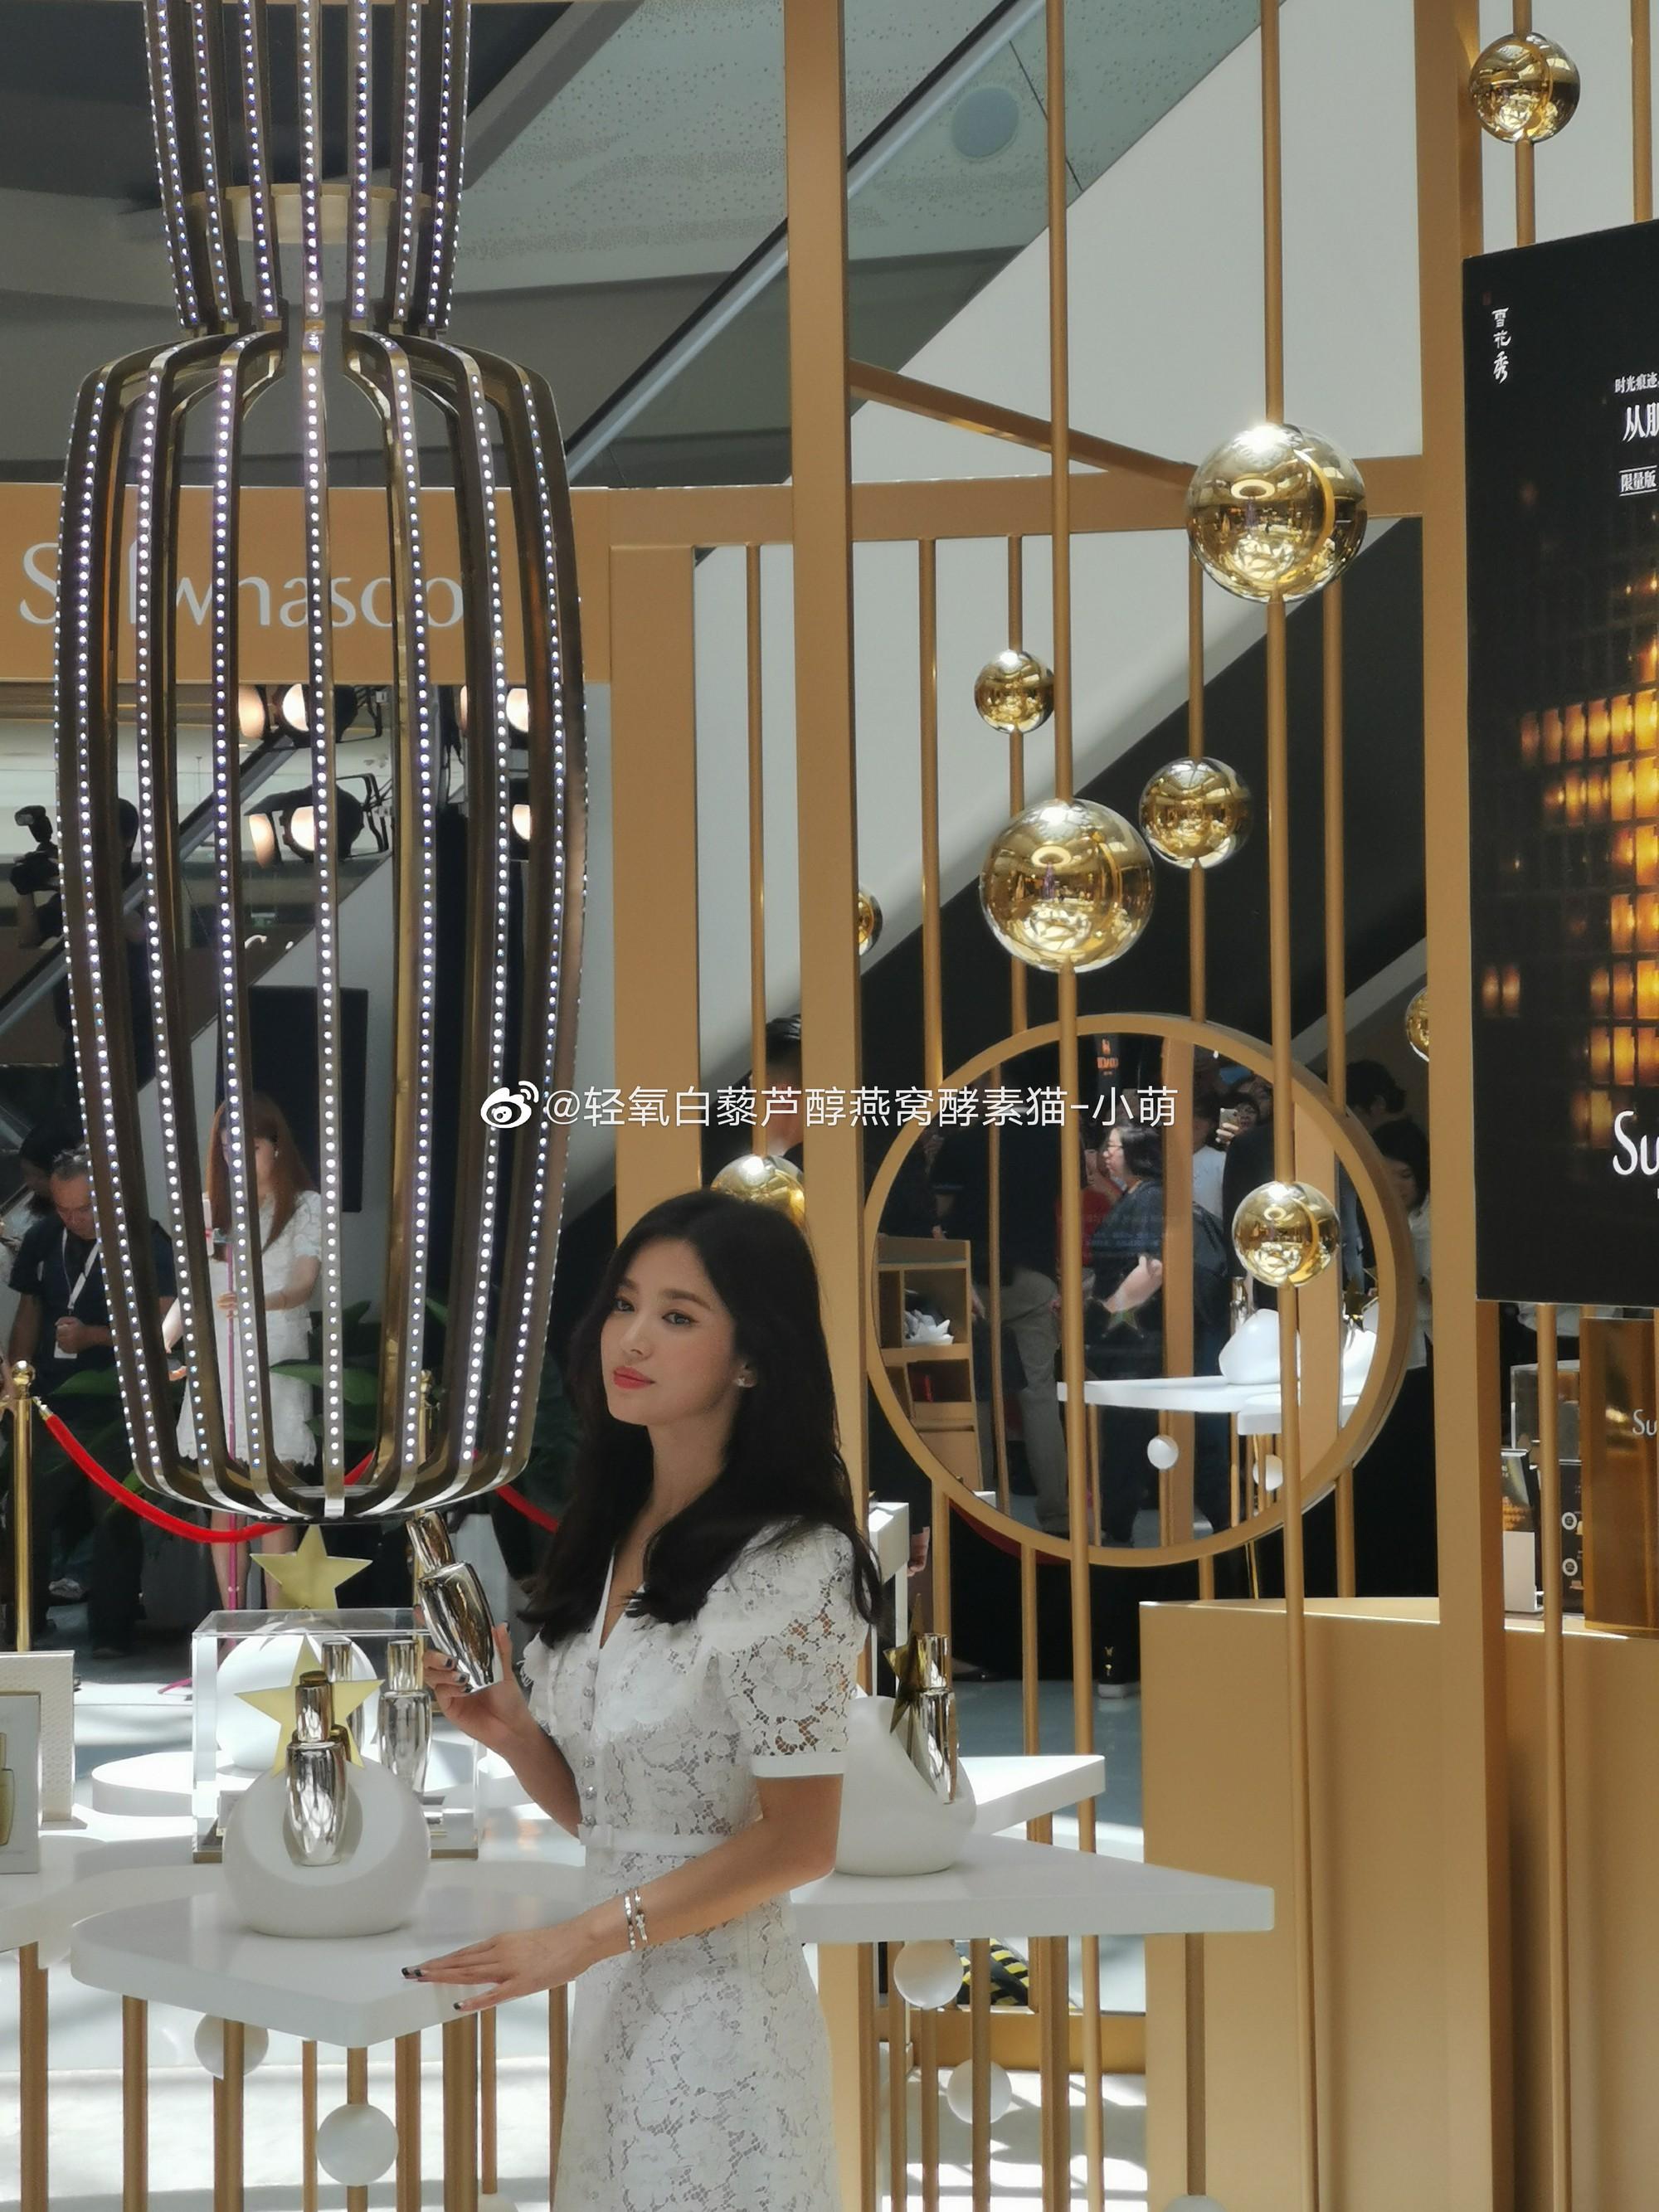 HOT: Song Hye Kyo lần đầu lộ diện sau vụ ly hôn ngàn tỷ, nhan sắc cực phẩm nhưng lại tiều tụy đến xót xa-5